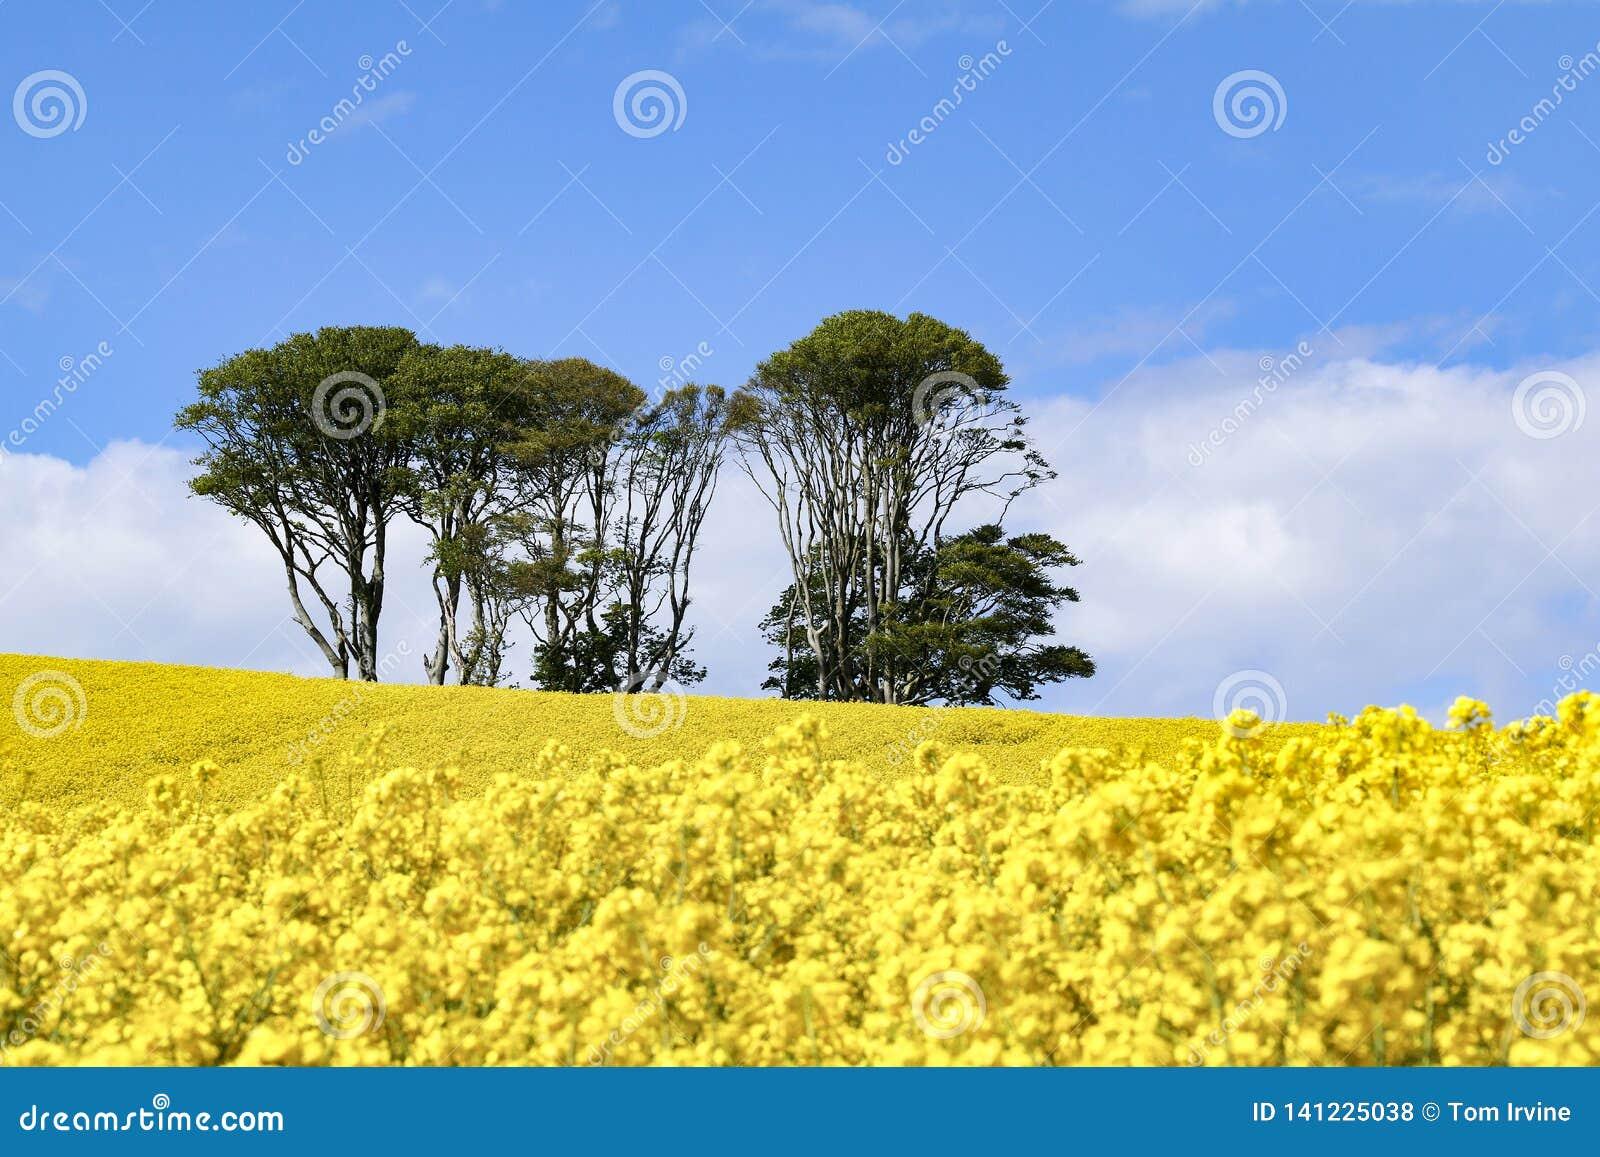 Mała kępa drzewa w polu jaskrawi żółci kwiaty Rapeseed Brassica napus